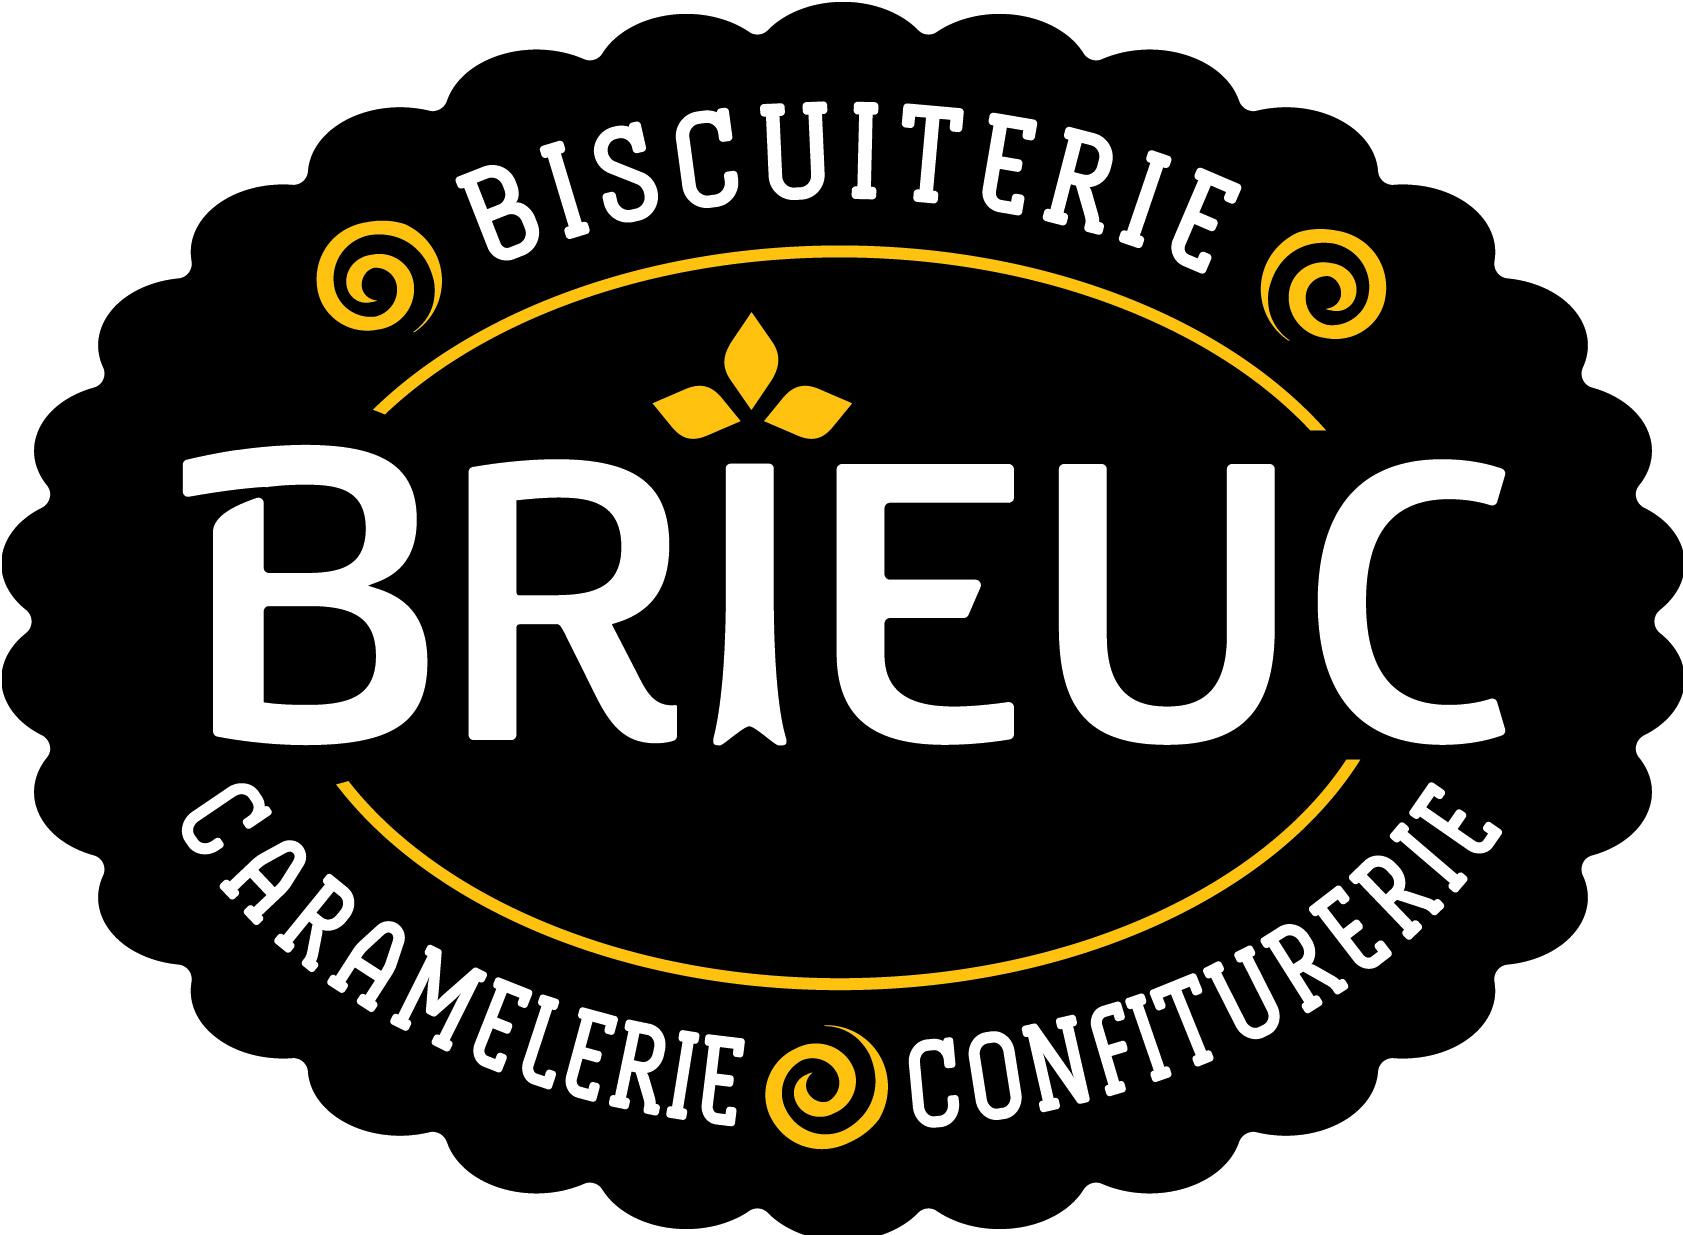 Biscuiterie Brieuc